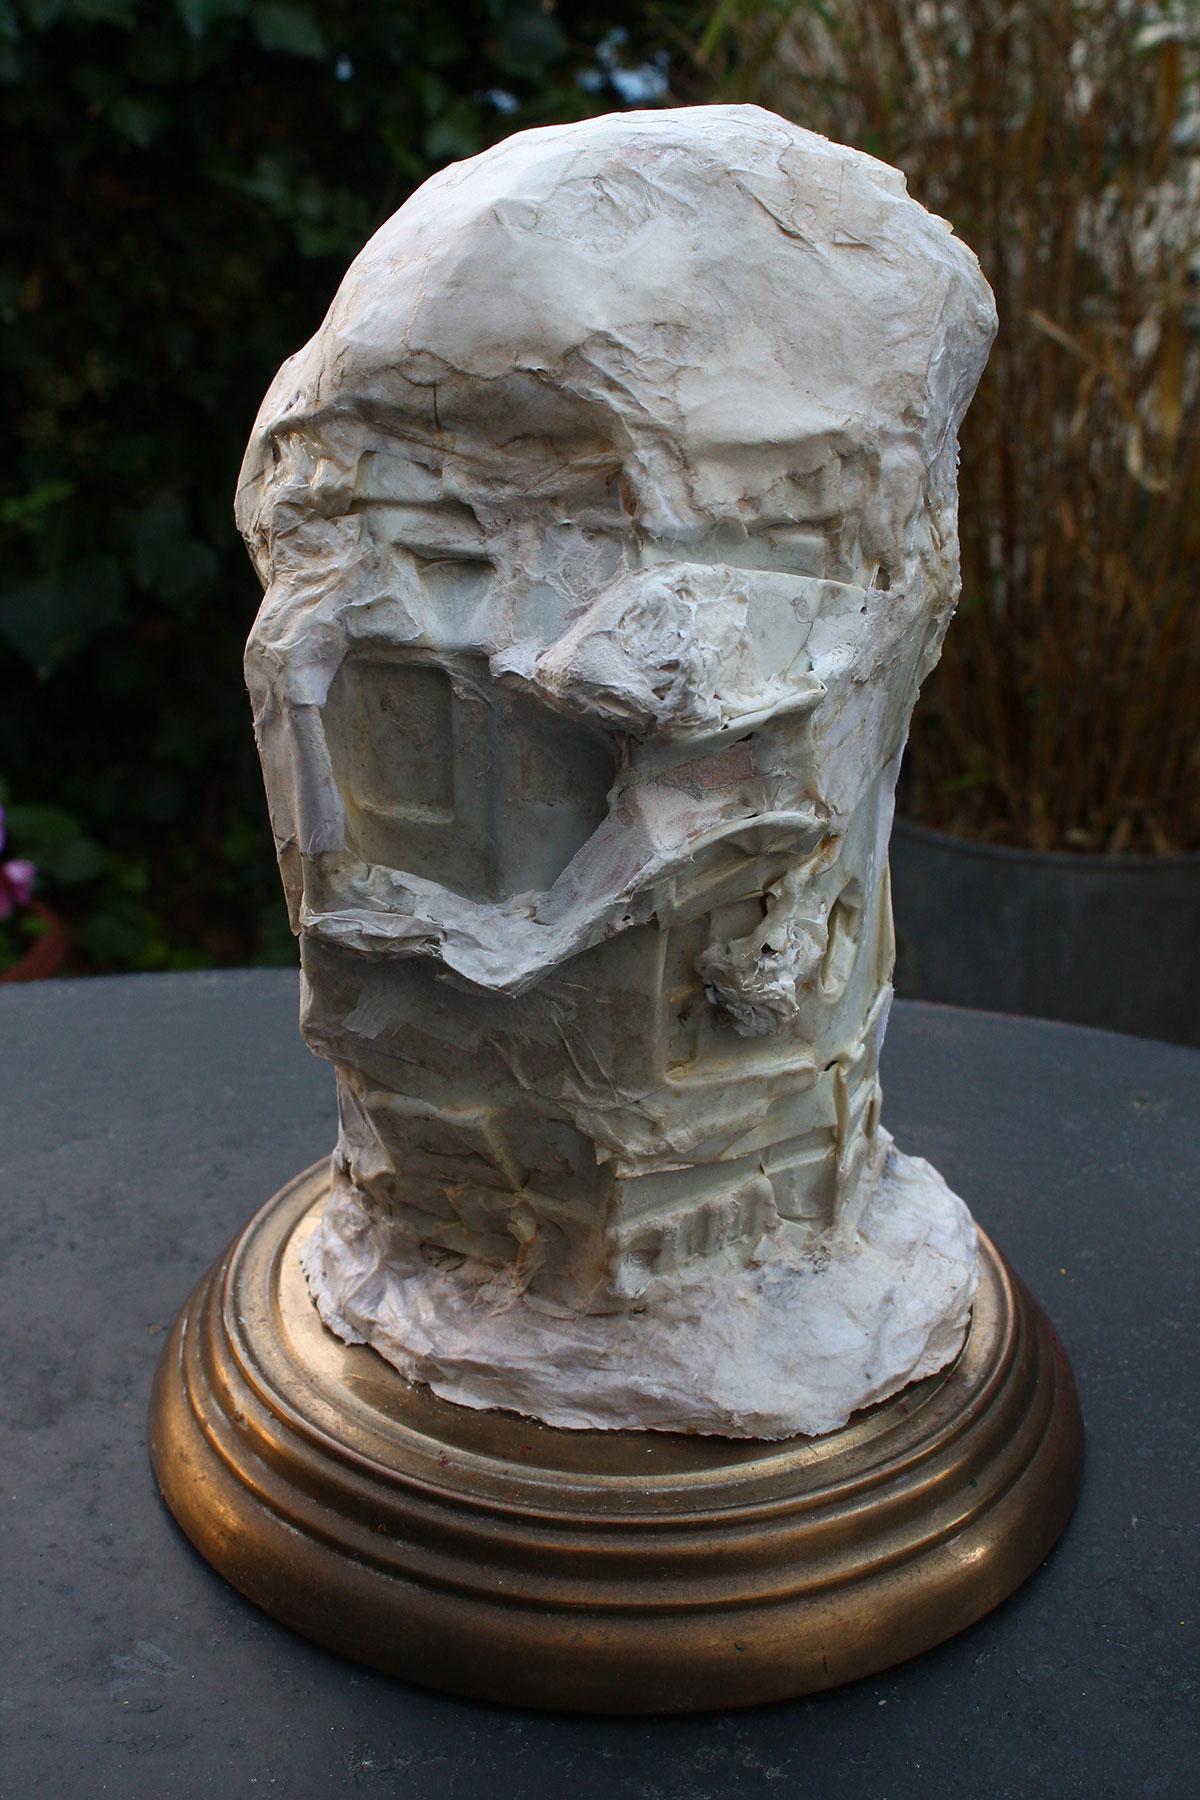 Crâne recomposé, 2010, matériaux divers, modelage, 18 x 8 x 8 cm.